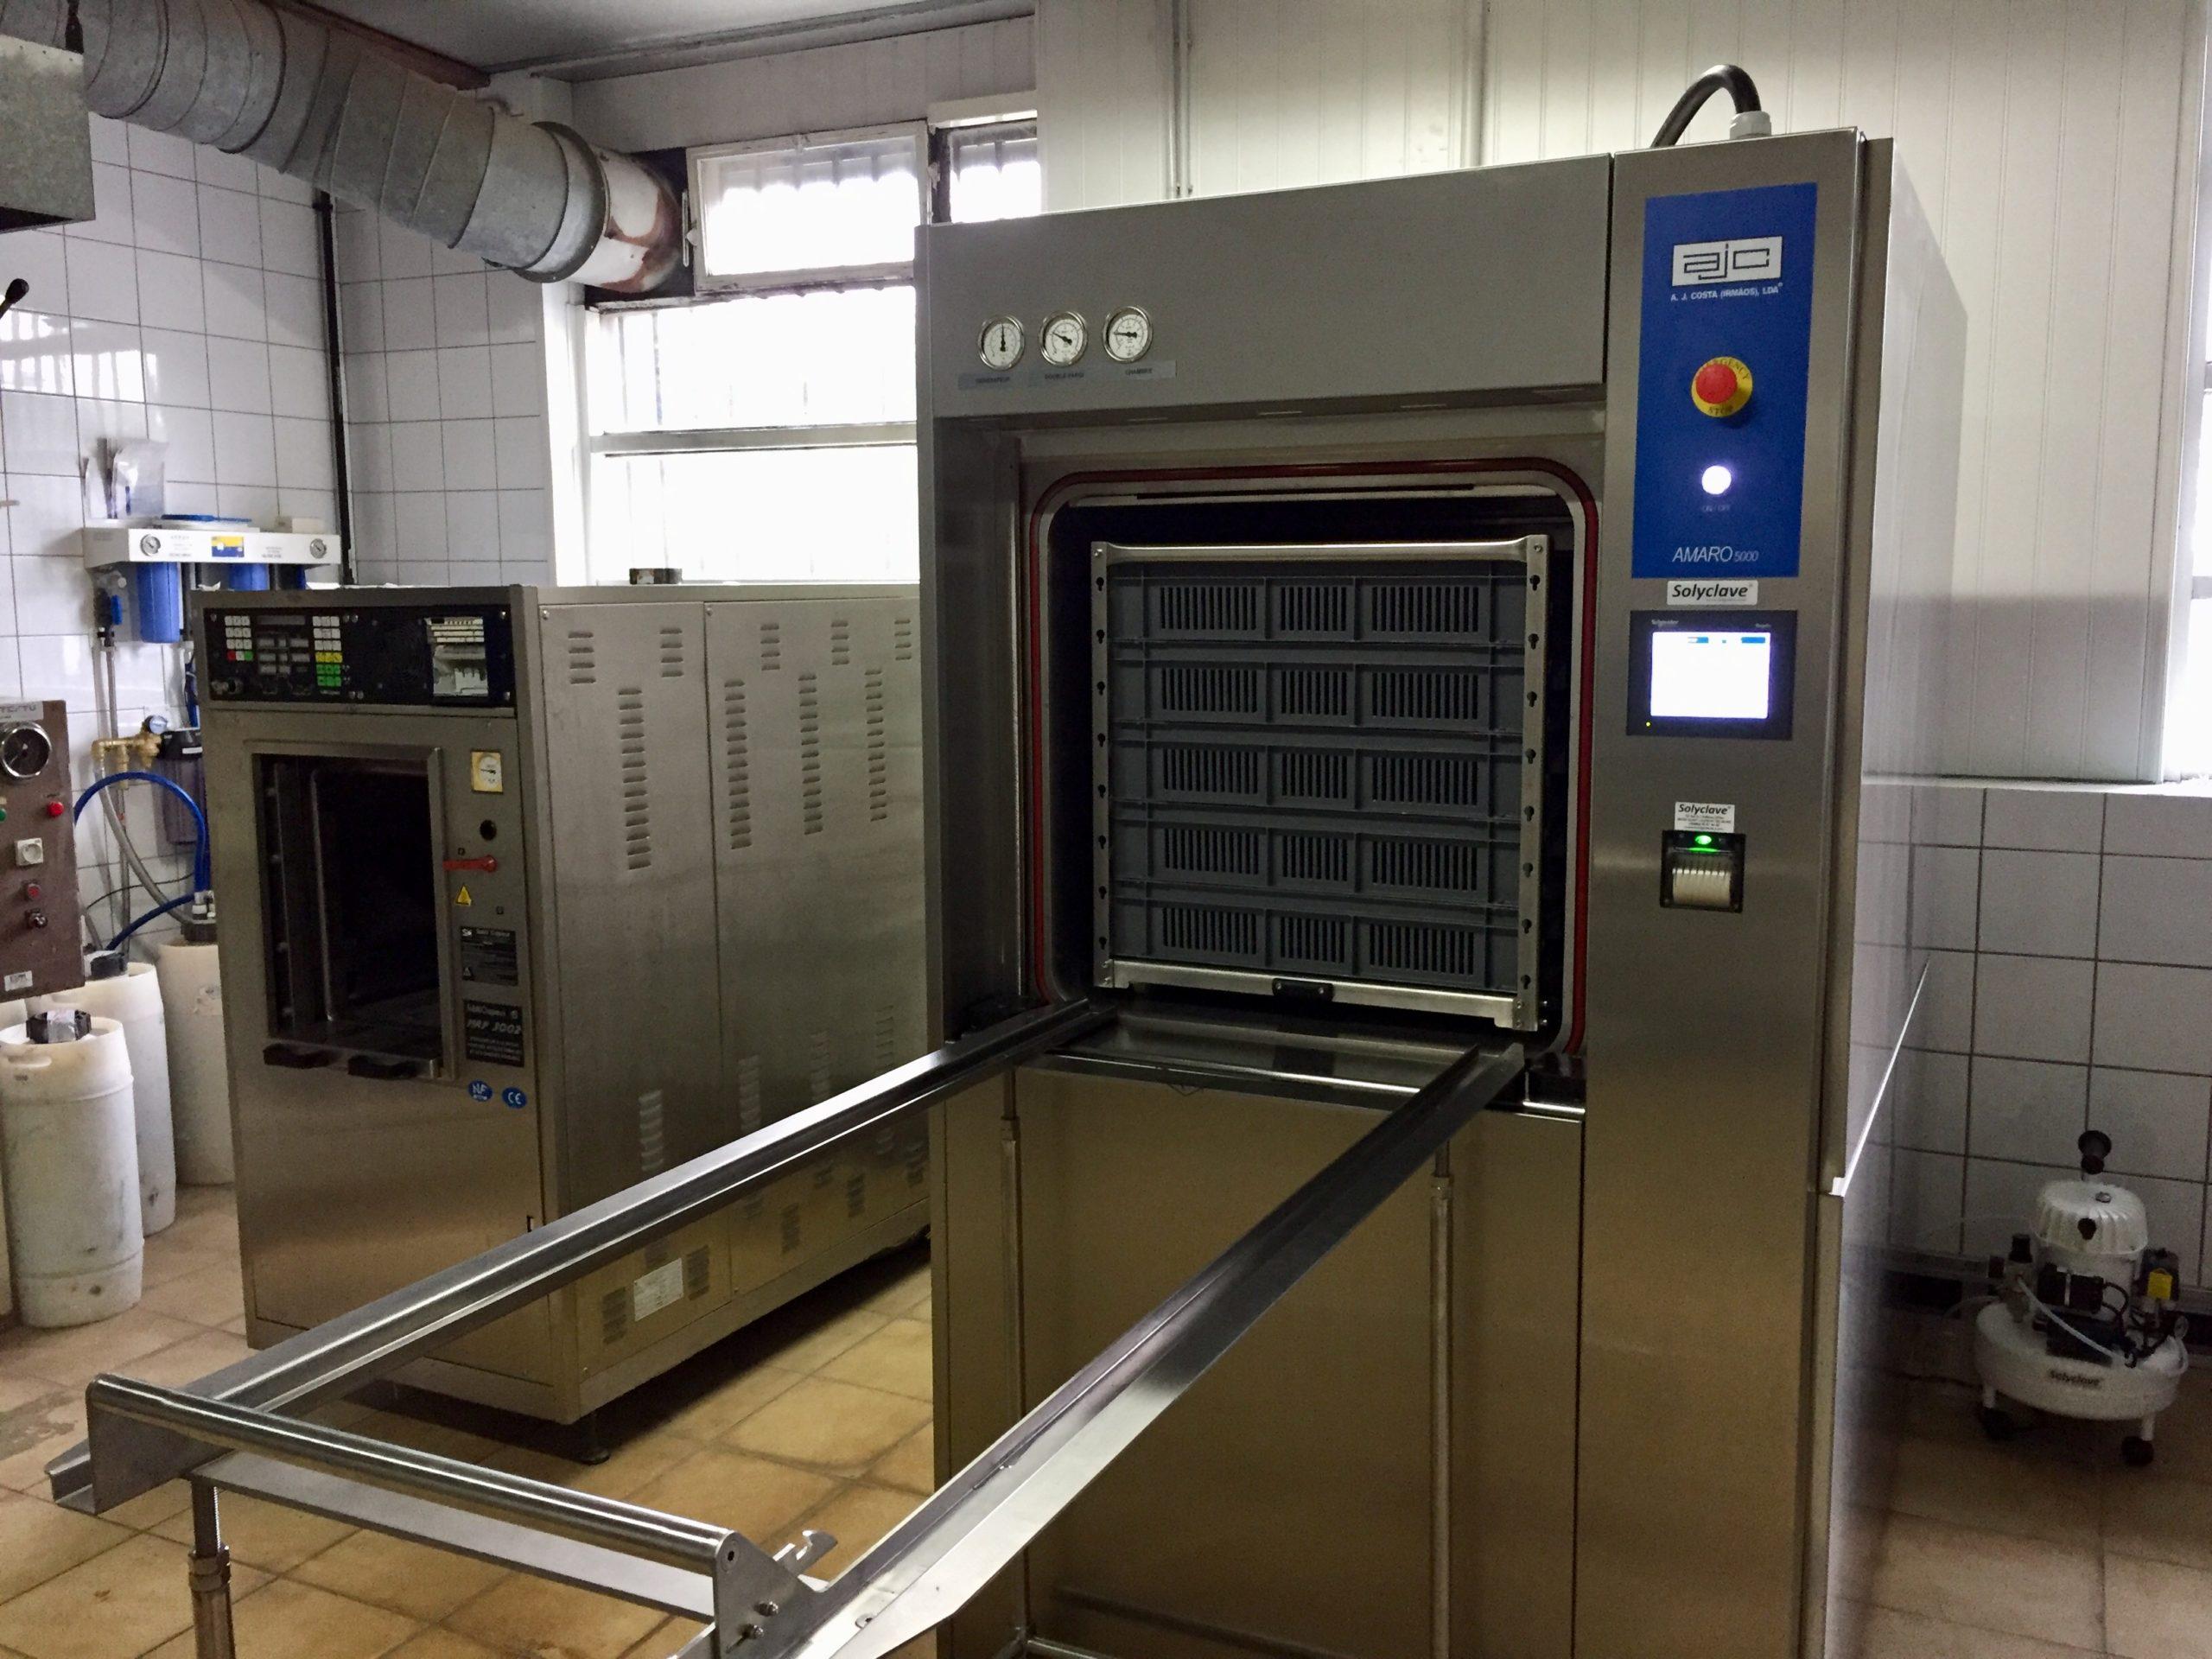 Dépt. 42 - Laboratoire - Amaro 5000 - 7070100